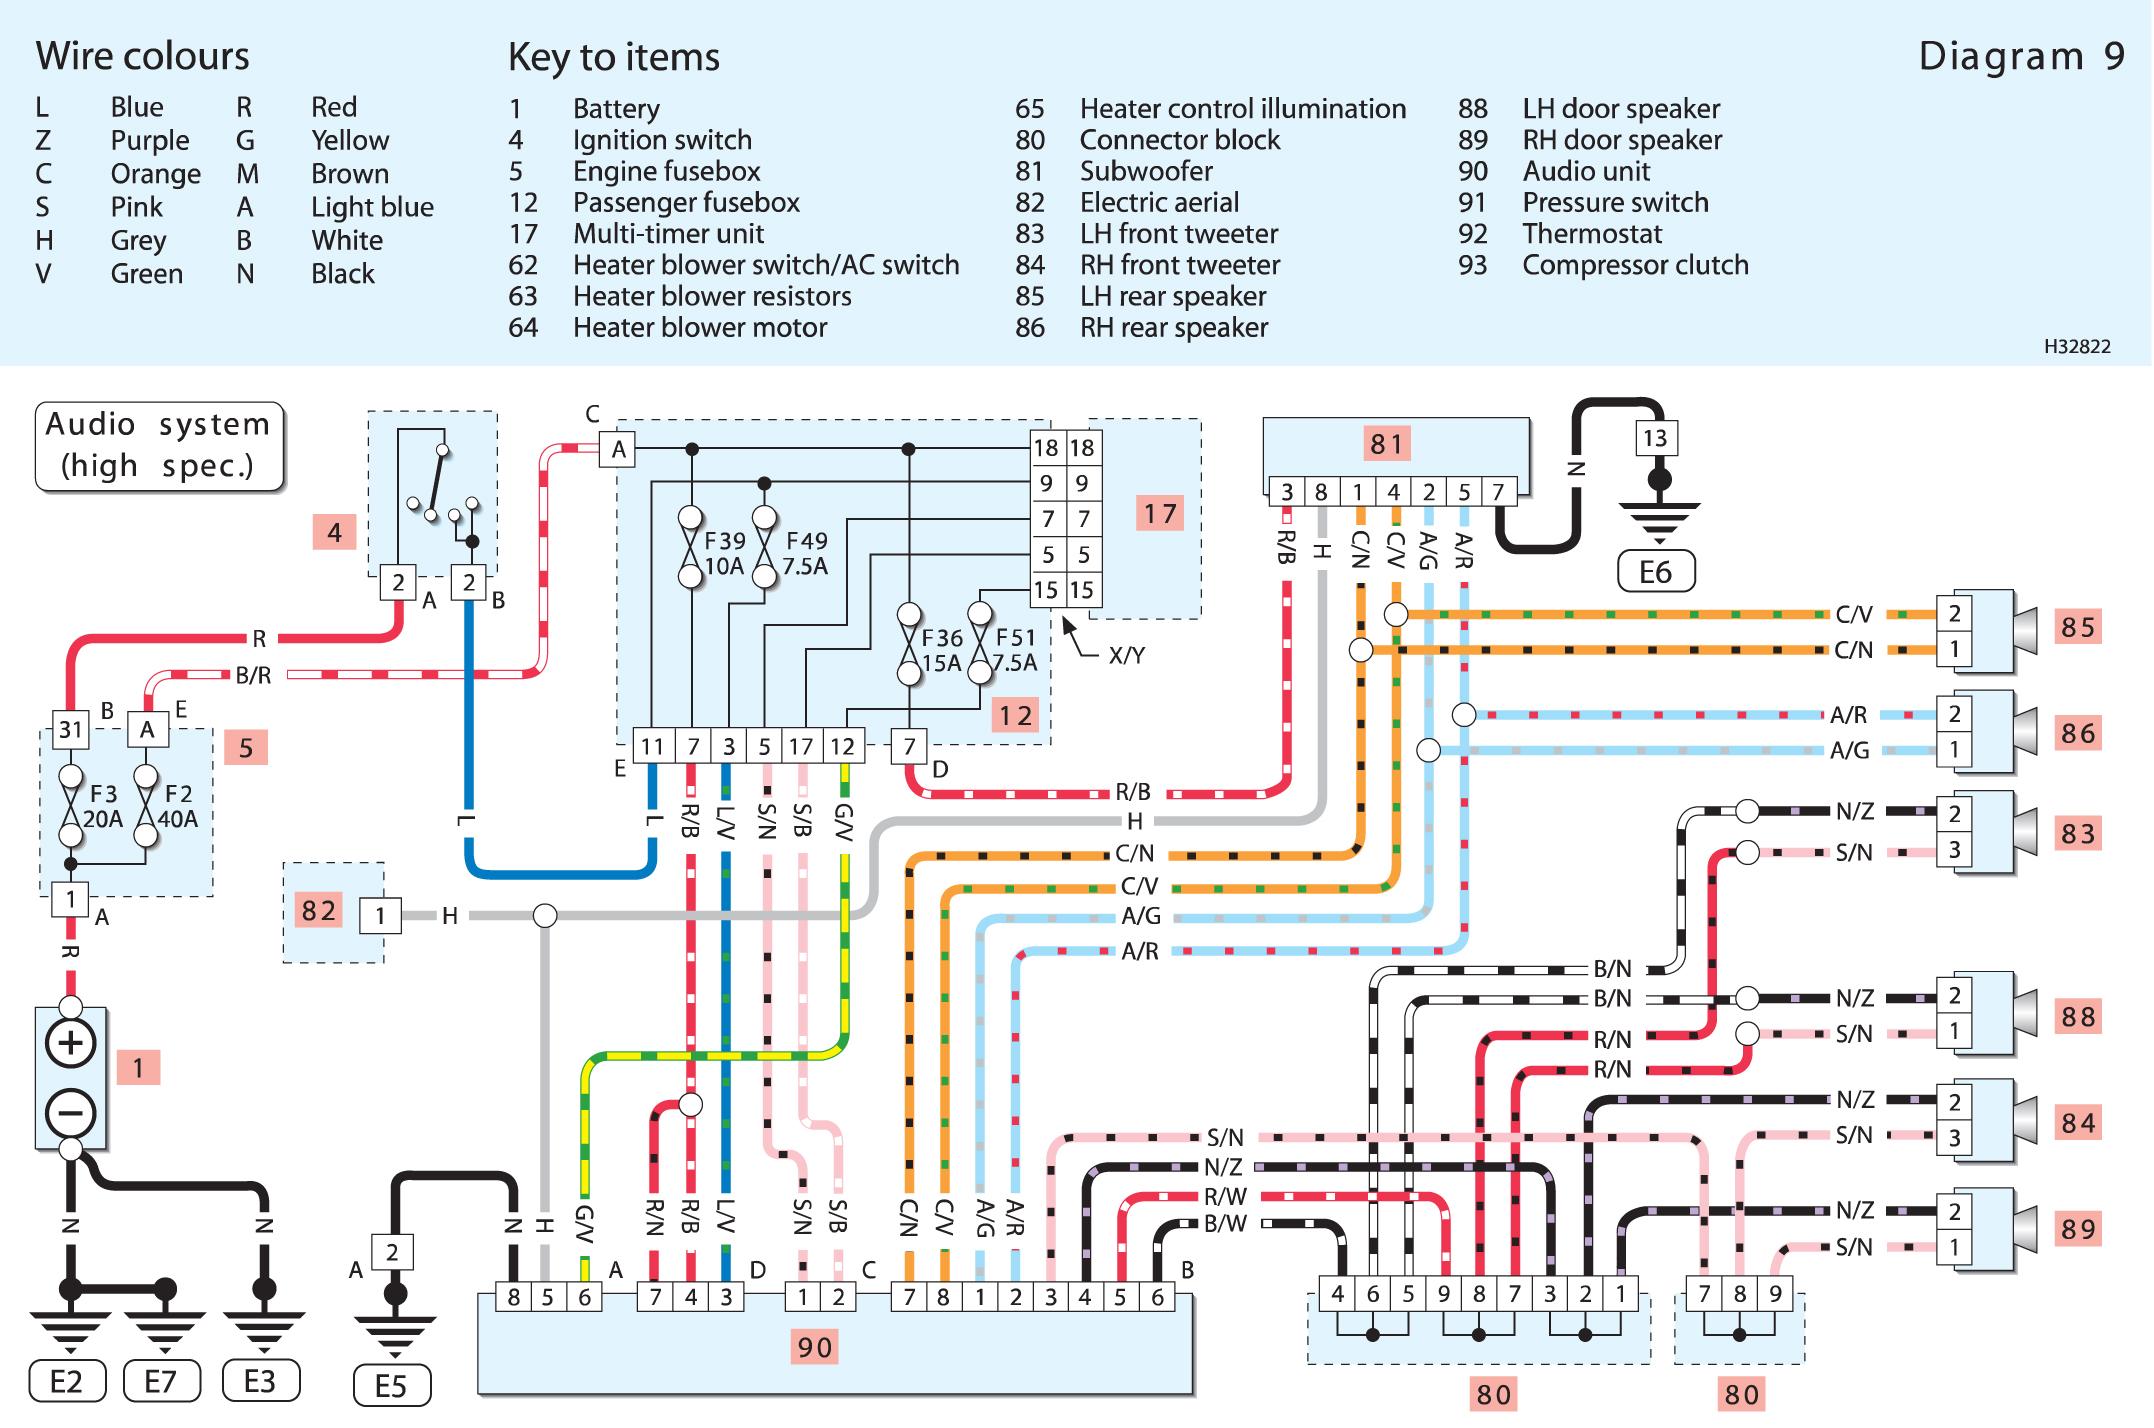 fiat wiring diagrams schematics wiring diagrams u2022 rh seniorlivinguniversity co fiat doblo wiring diagrams fiat doblo cargo wiring diagram